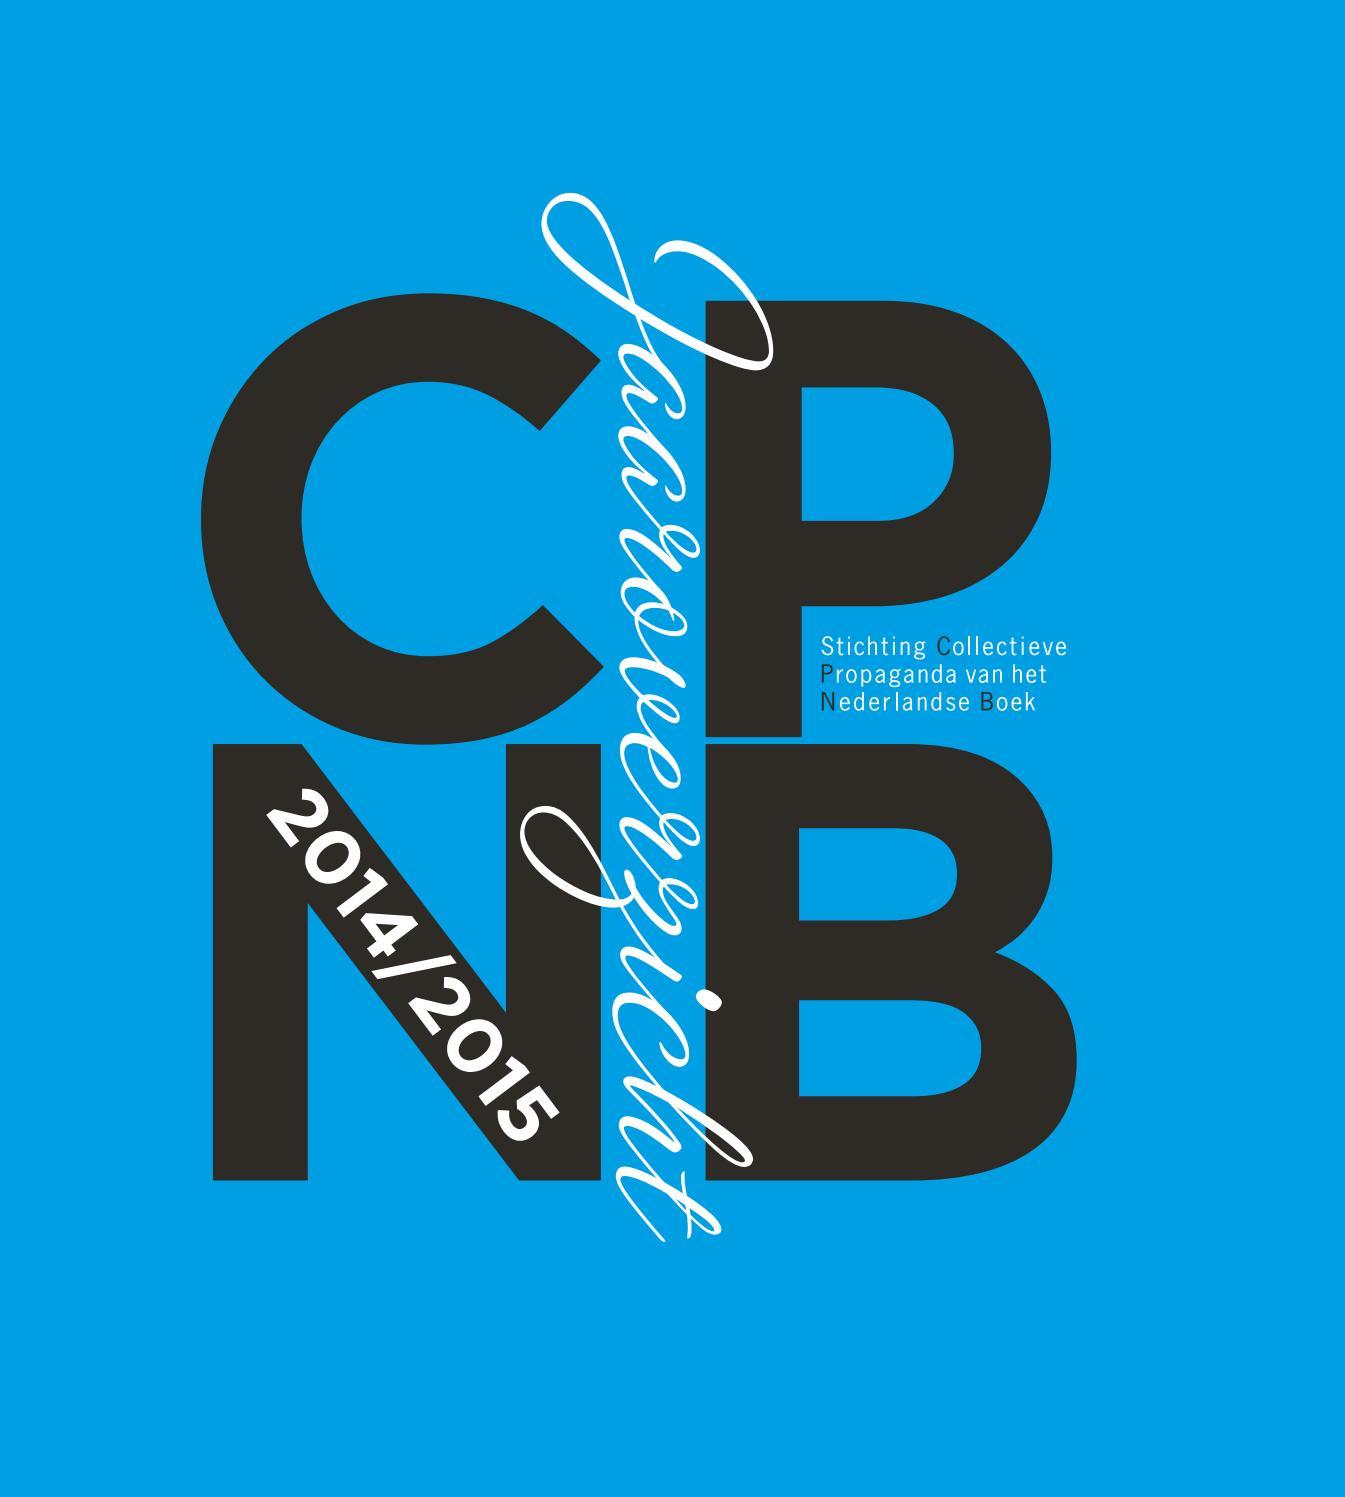 Jaaroverzicht Stichting CPNB 2014 & 2015 by Stichting CPNB